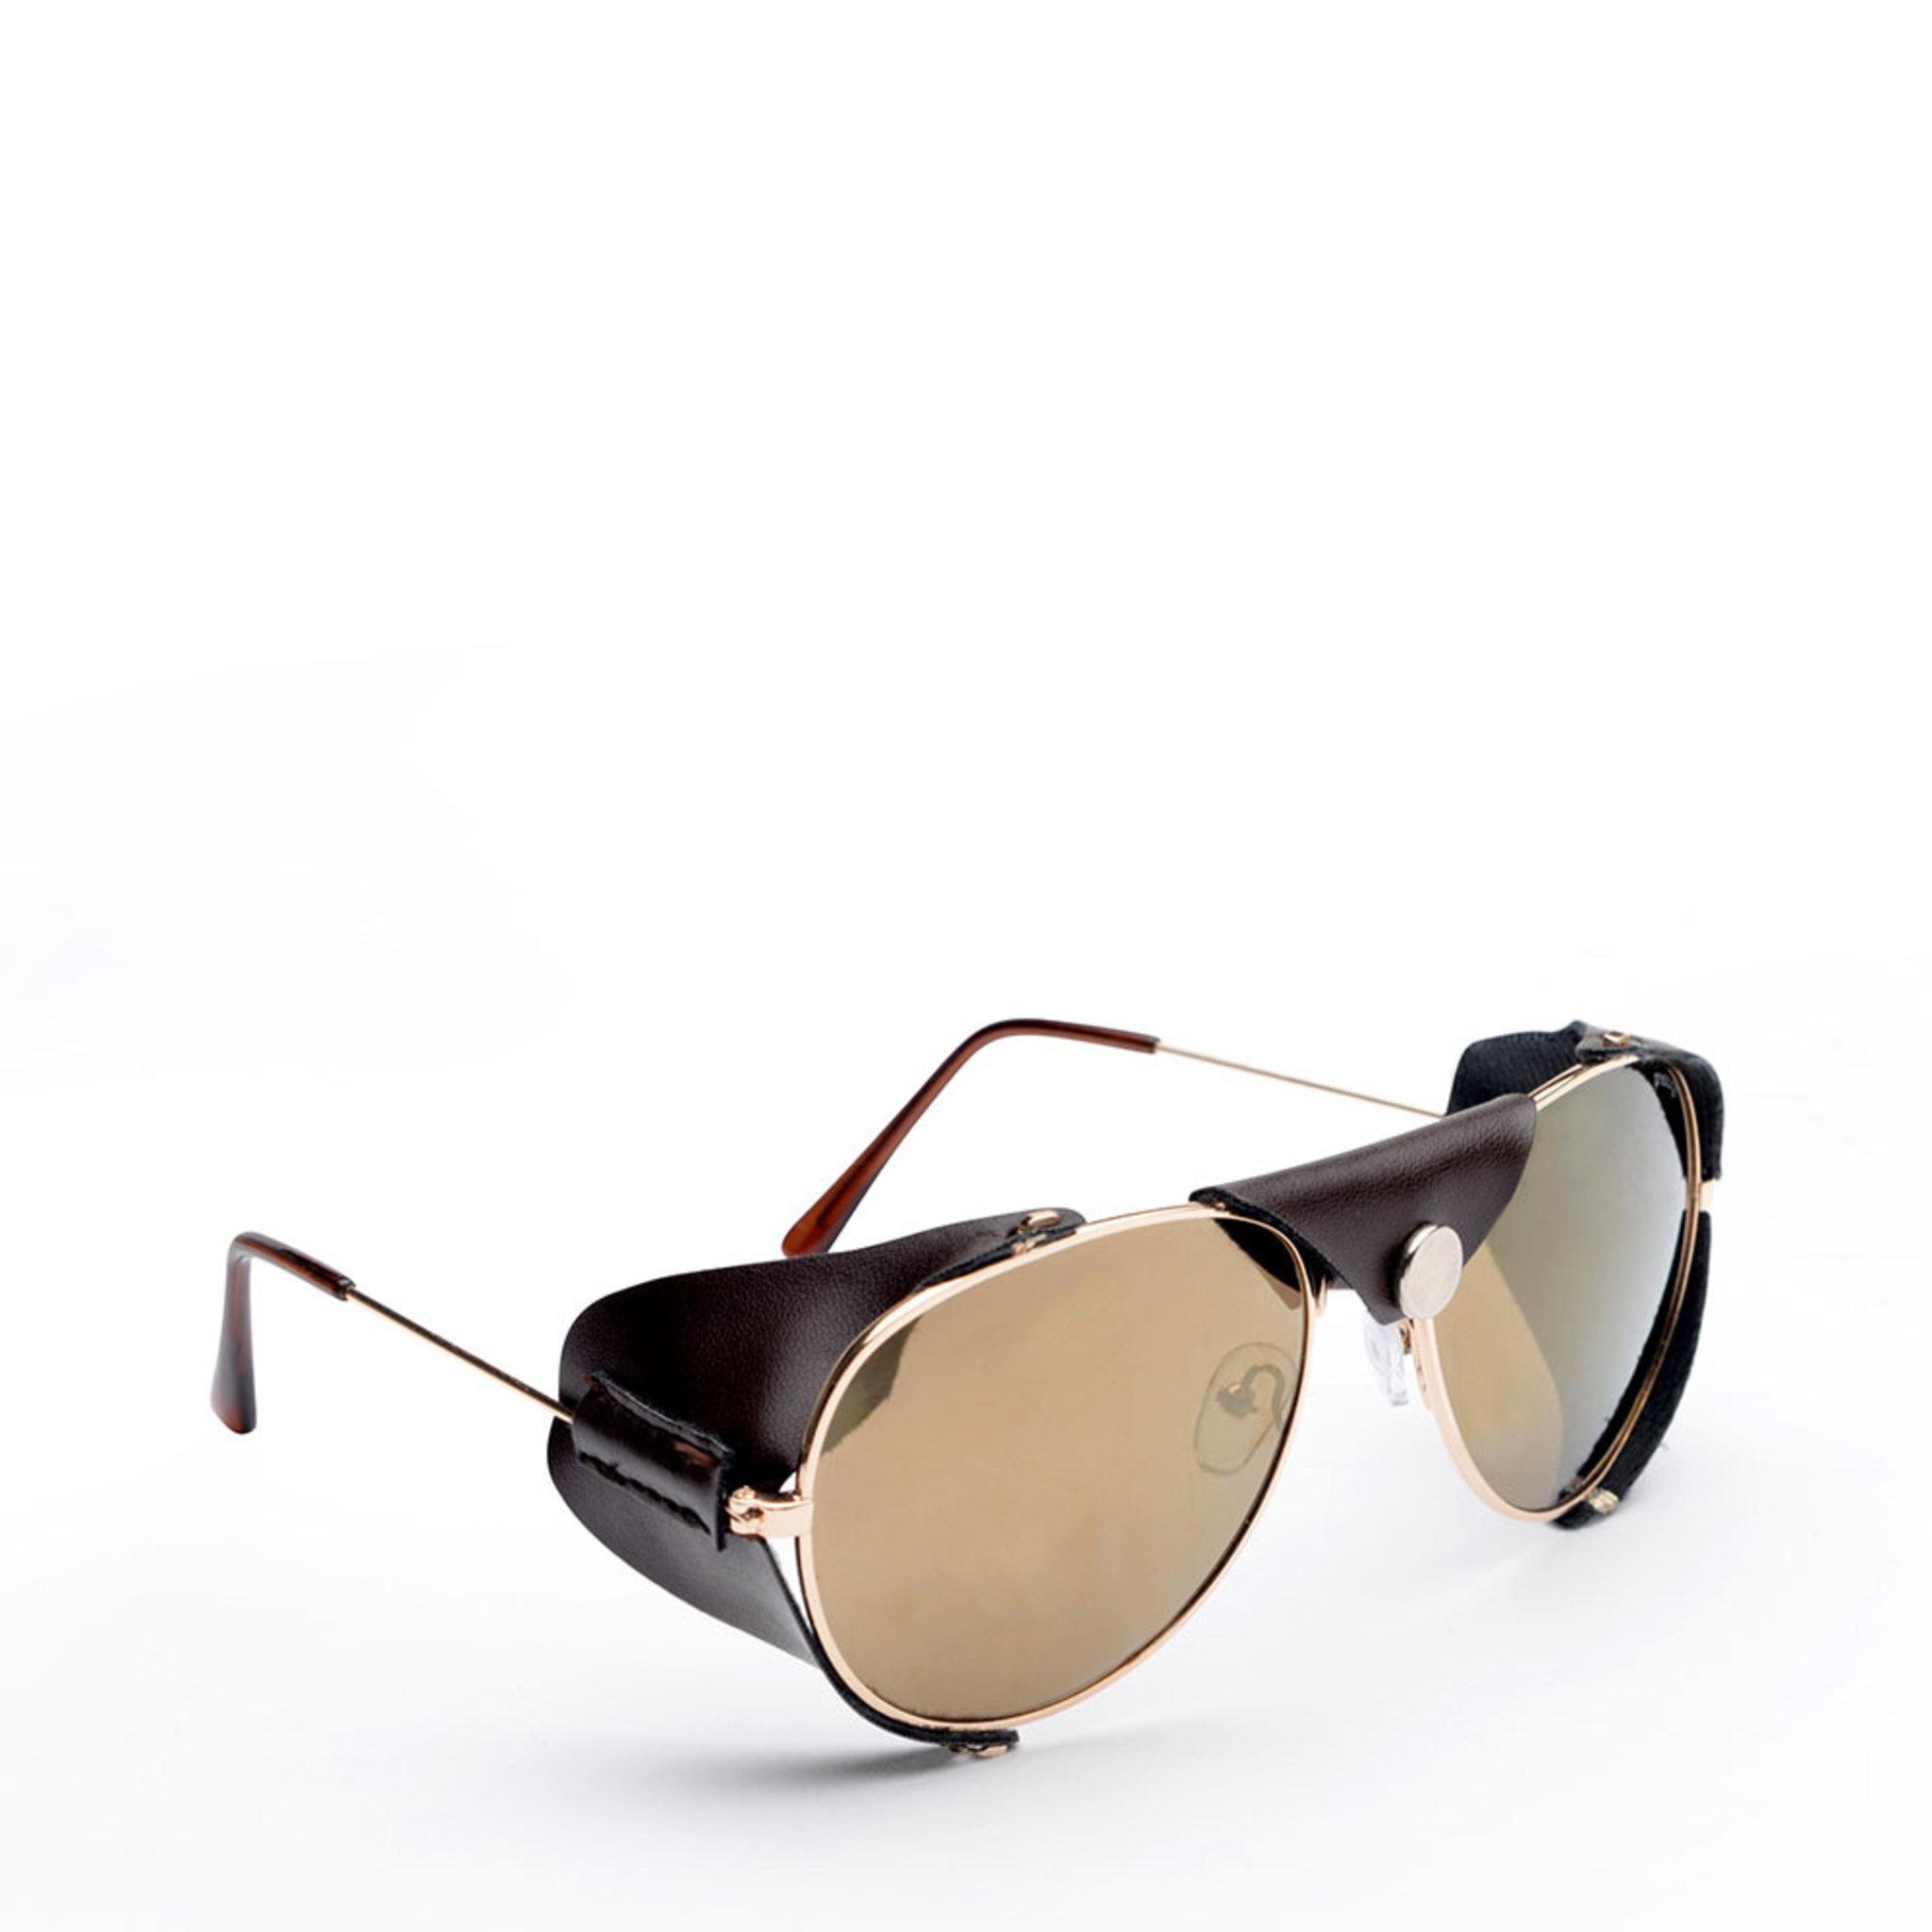 Solglasögon Auden